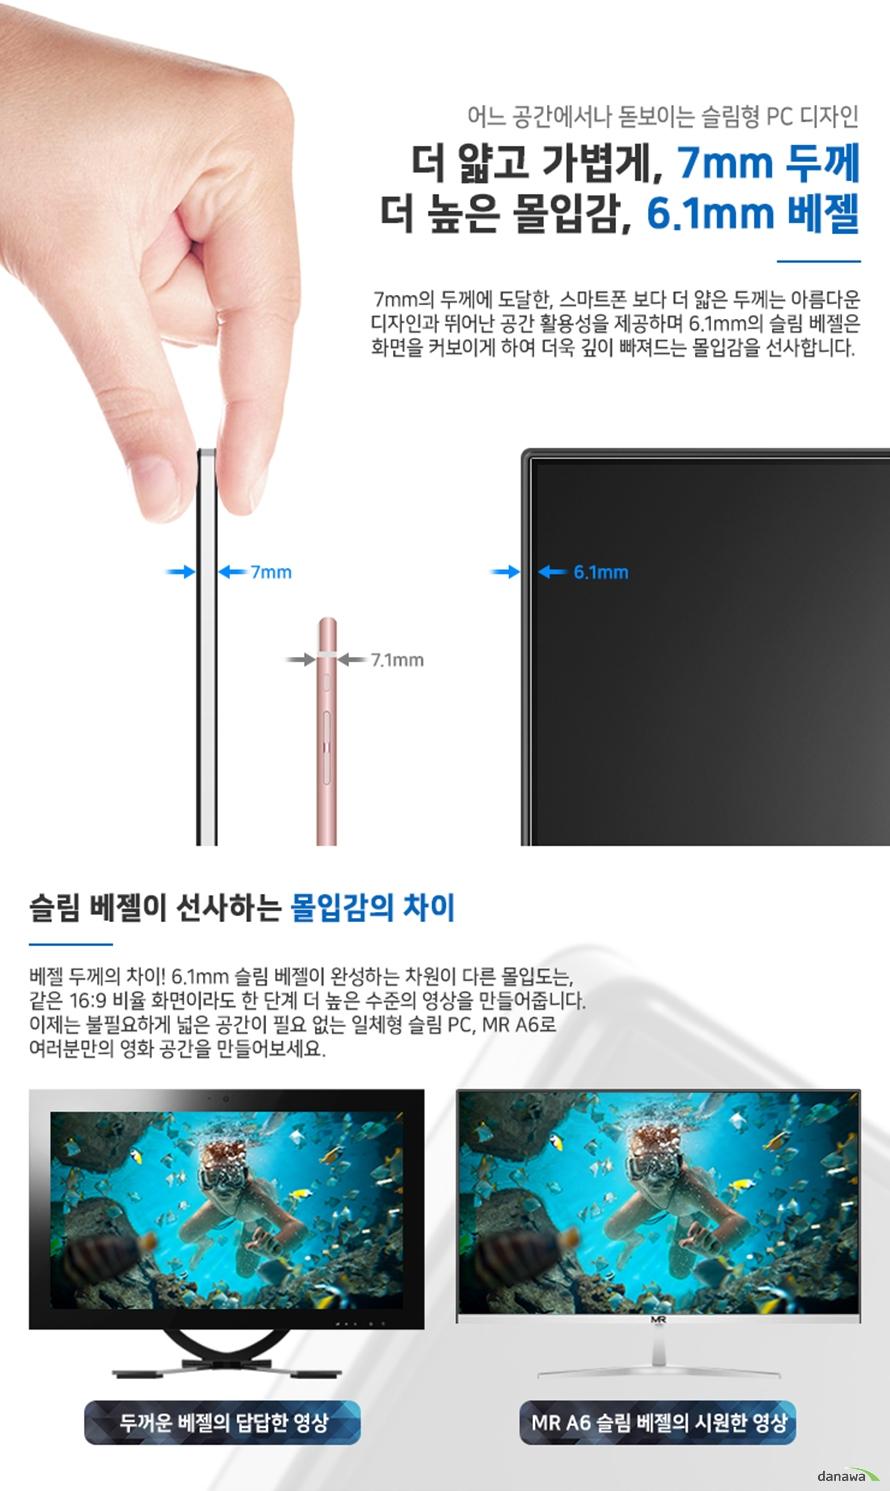 7mm의 두께에 도달한, 스마트폰 보다 더 얇은 두께는 아름다운 디자인과 뛰어난 공간 활용성을 제공하며 6.1mm의 슬림 베젤은 화면을 커보이게 하여 더욱 깊이 빠져드는 몰입감을 선사합니다.